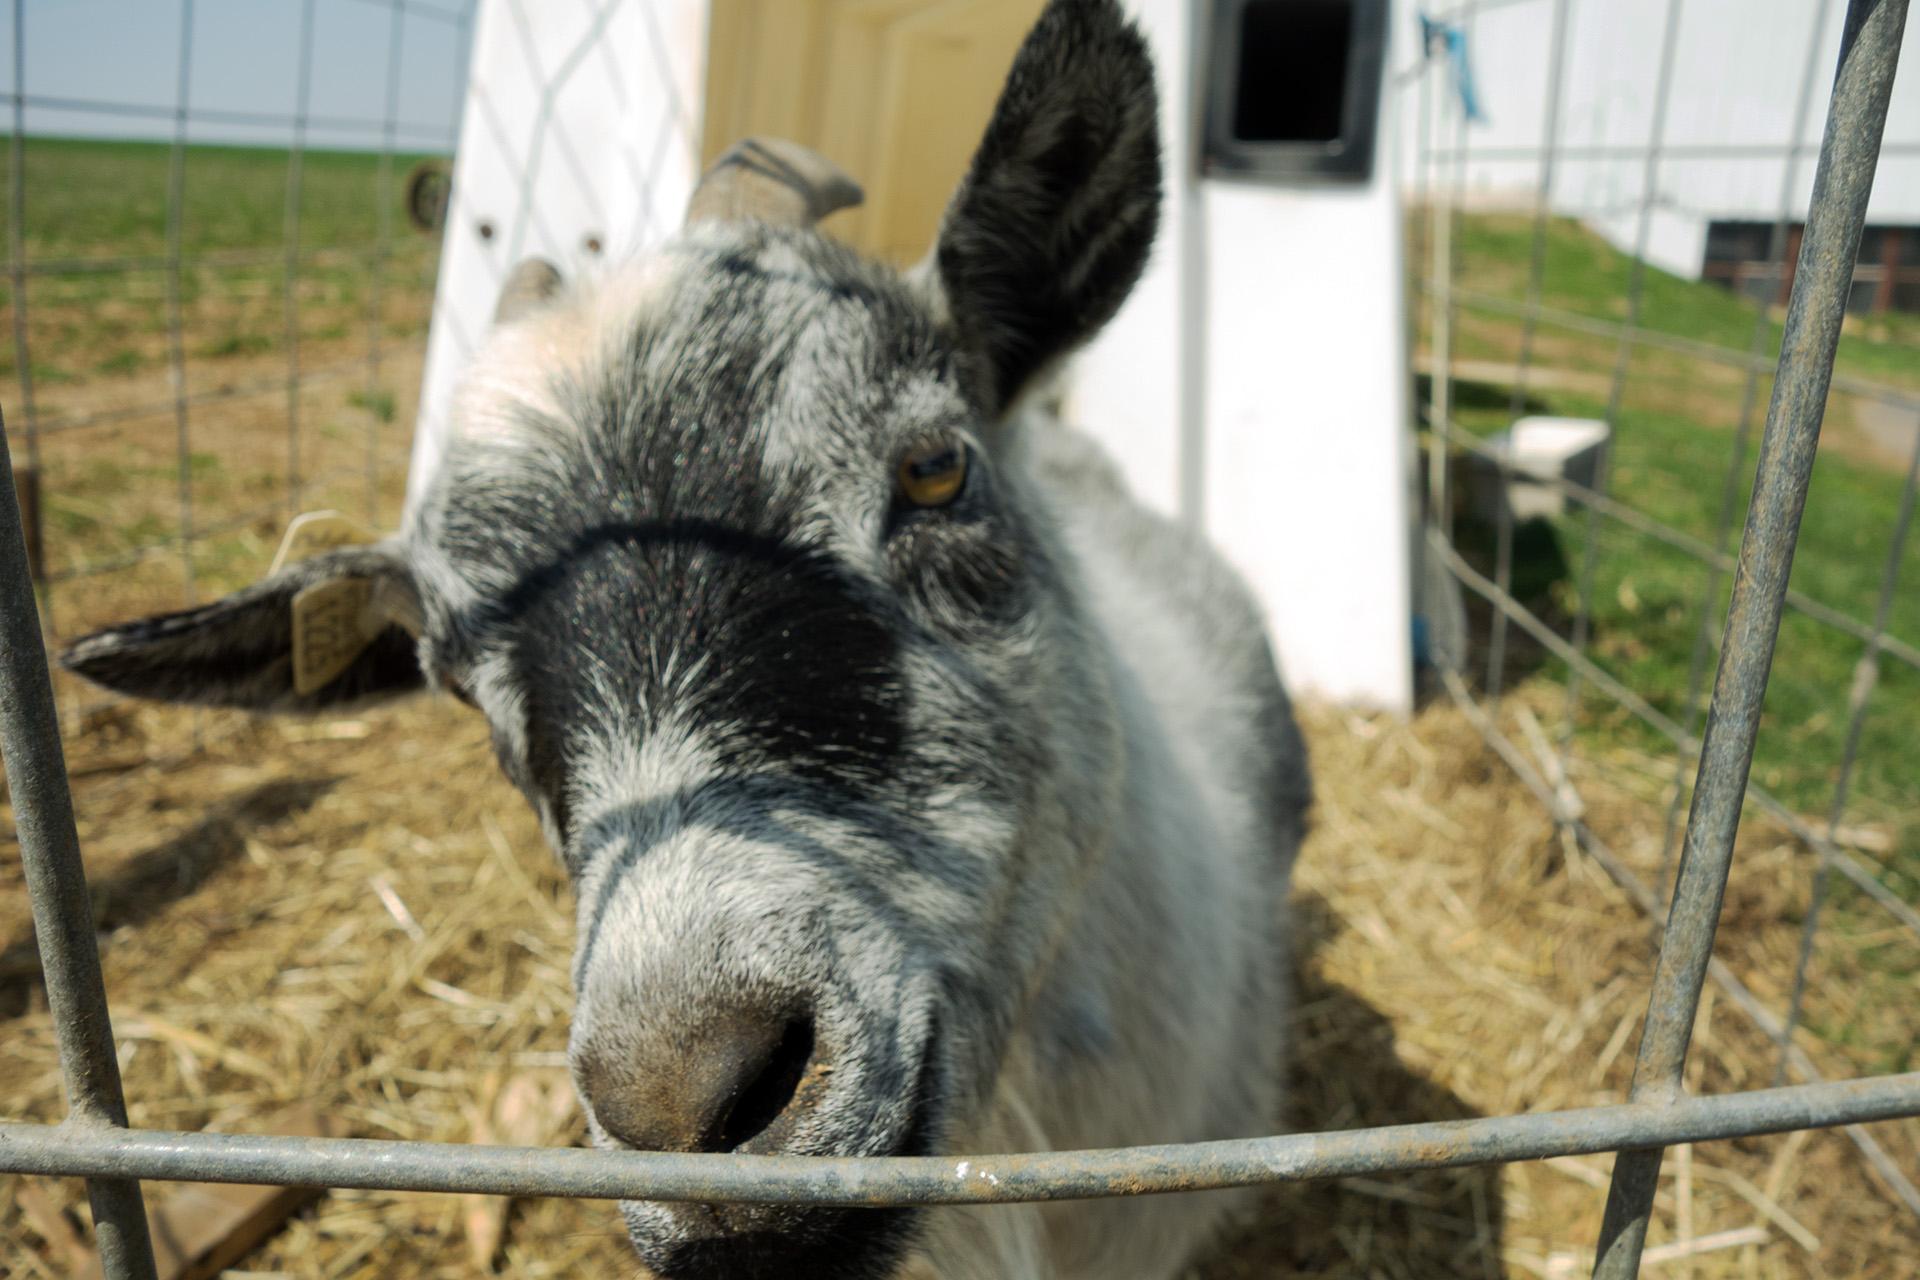 A friendly goat.